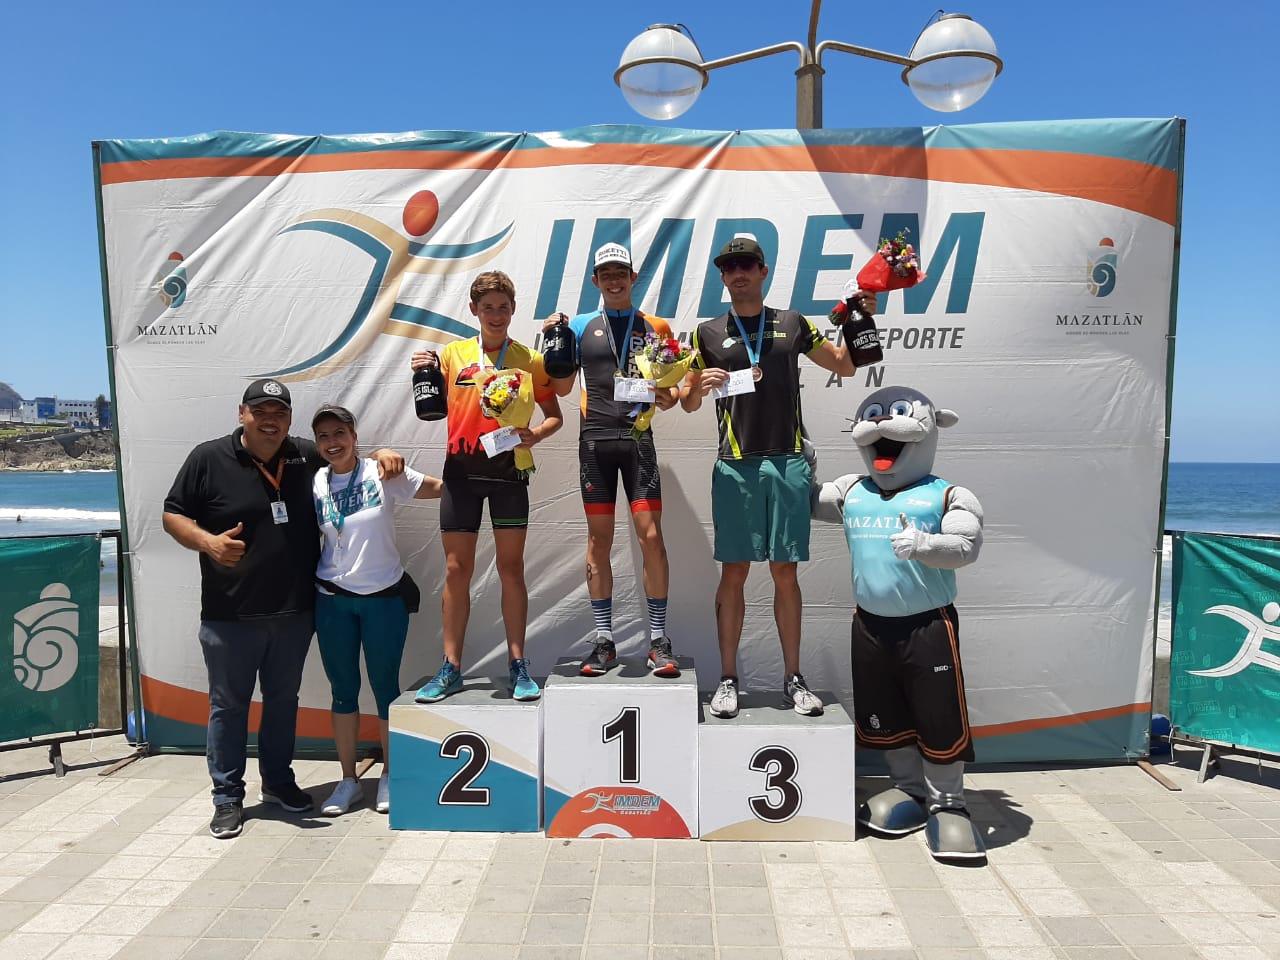 Atletas de Jalisco y Querétaro ganan Triatlón Imdem Olas Altas